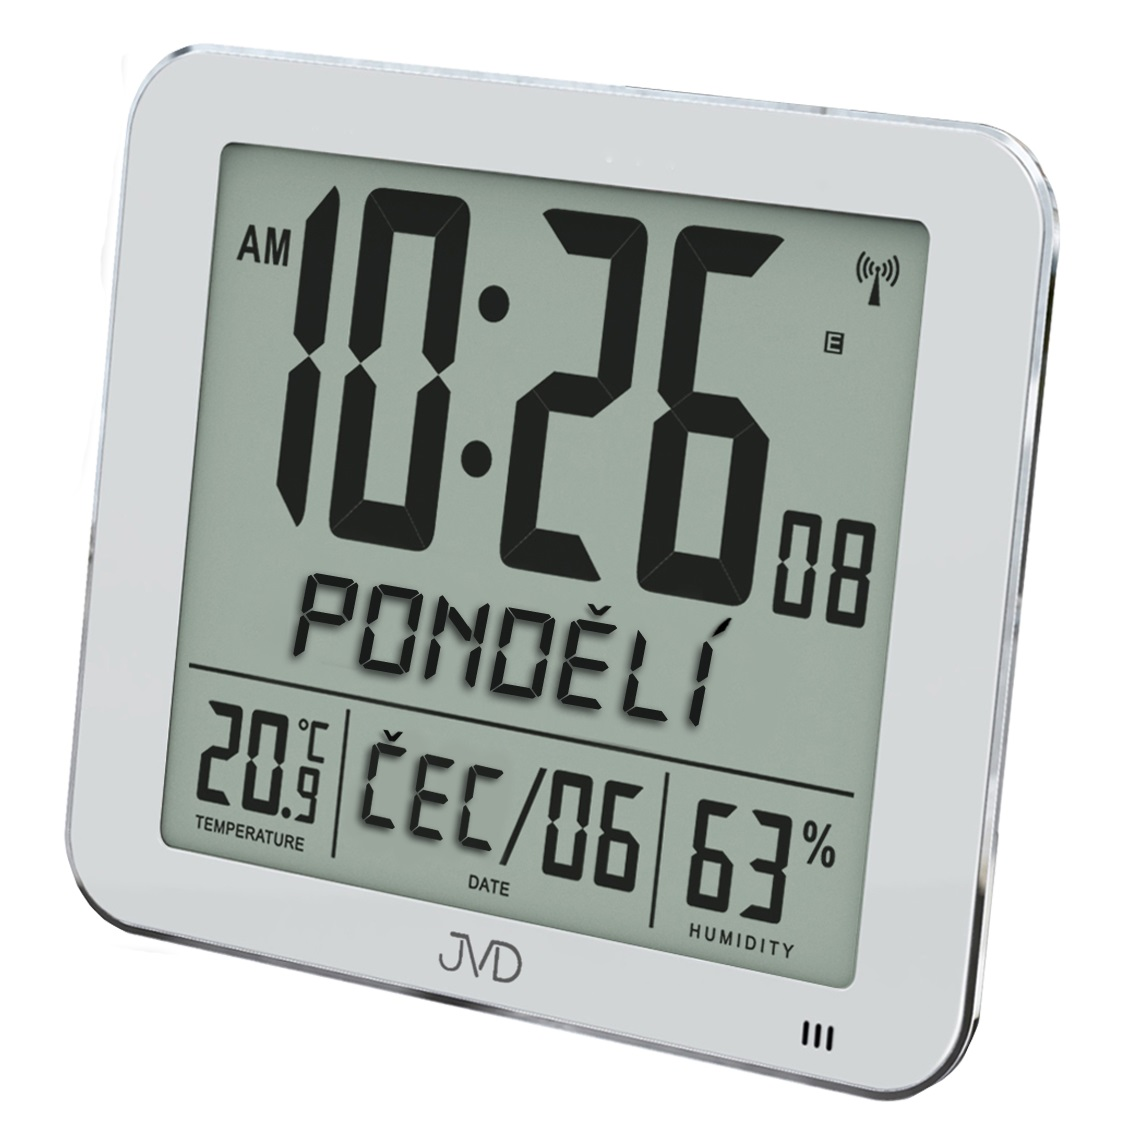 Velké rádiem řízené digitální hodiny s budíkem JVD stříbrné DH9335.1 (POŠTOVNÉ ZDARMA!! s češtinou!!)